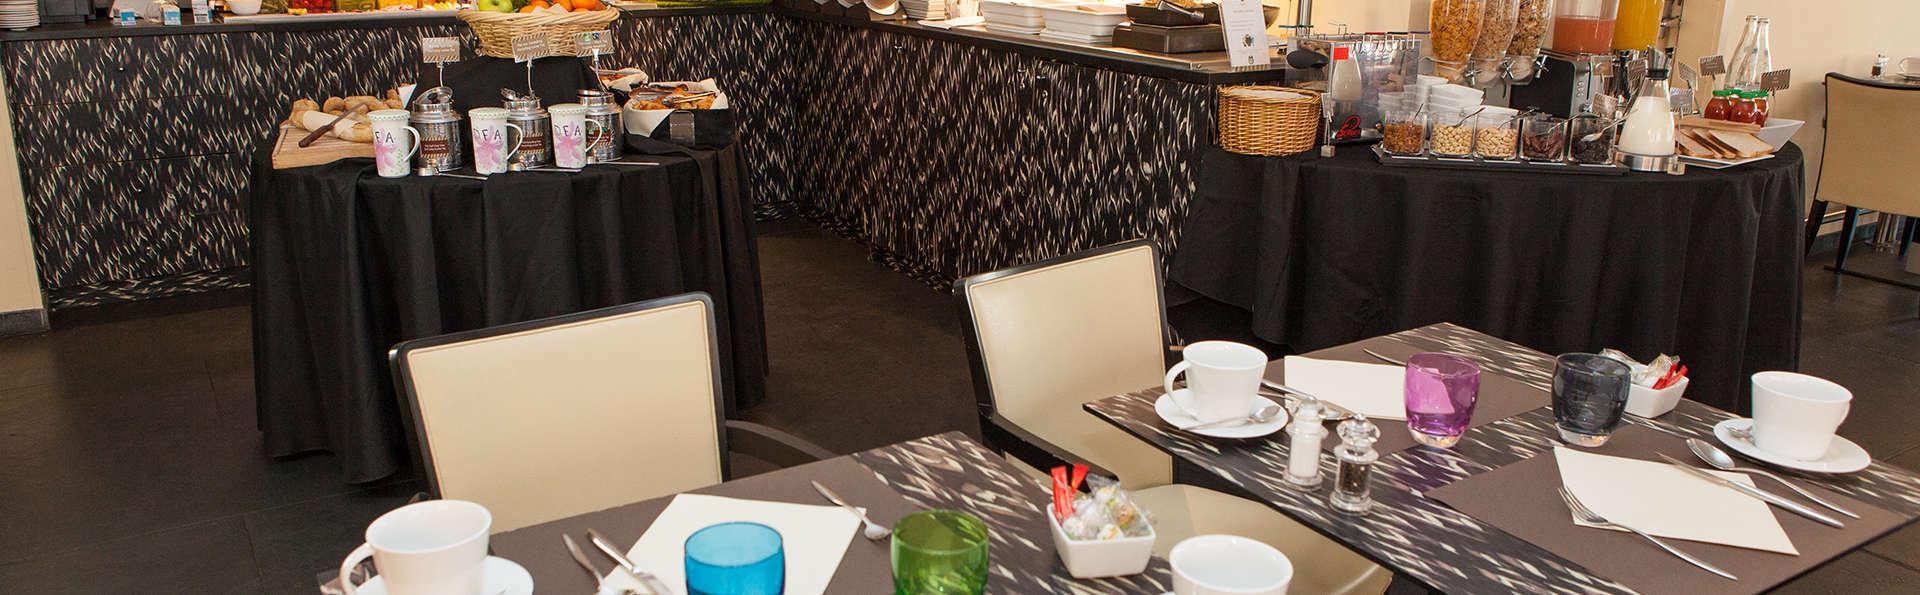 eden hotel spa 4 cannes france. Black Bedroom Furniture Sets. Home Design Ideas